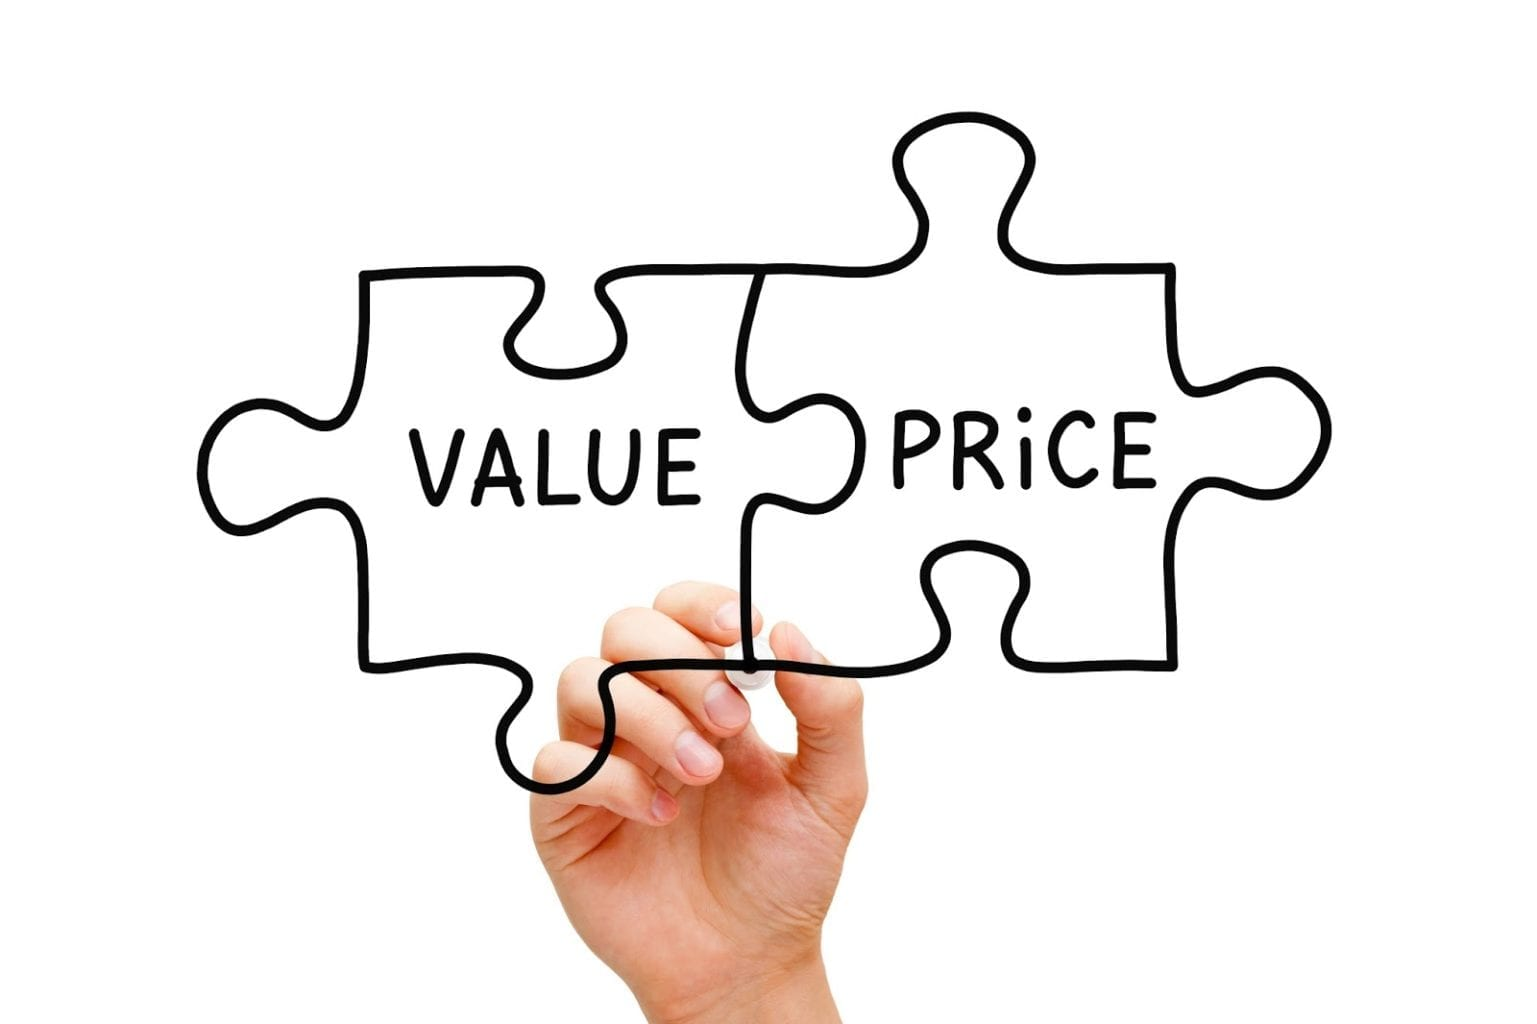 Diferença entre preço e valor: Essas definições dizem a mesma coisa?